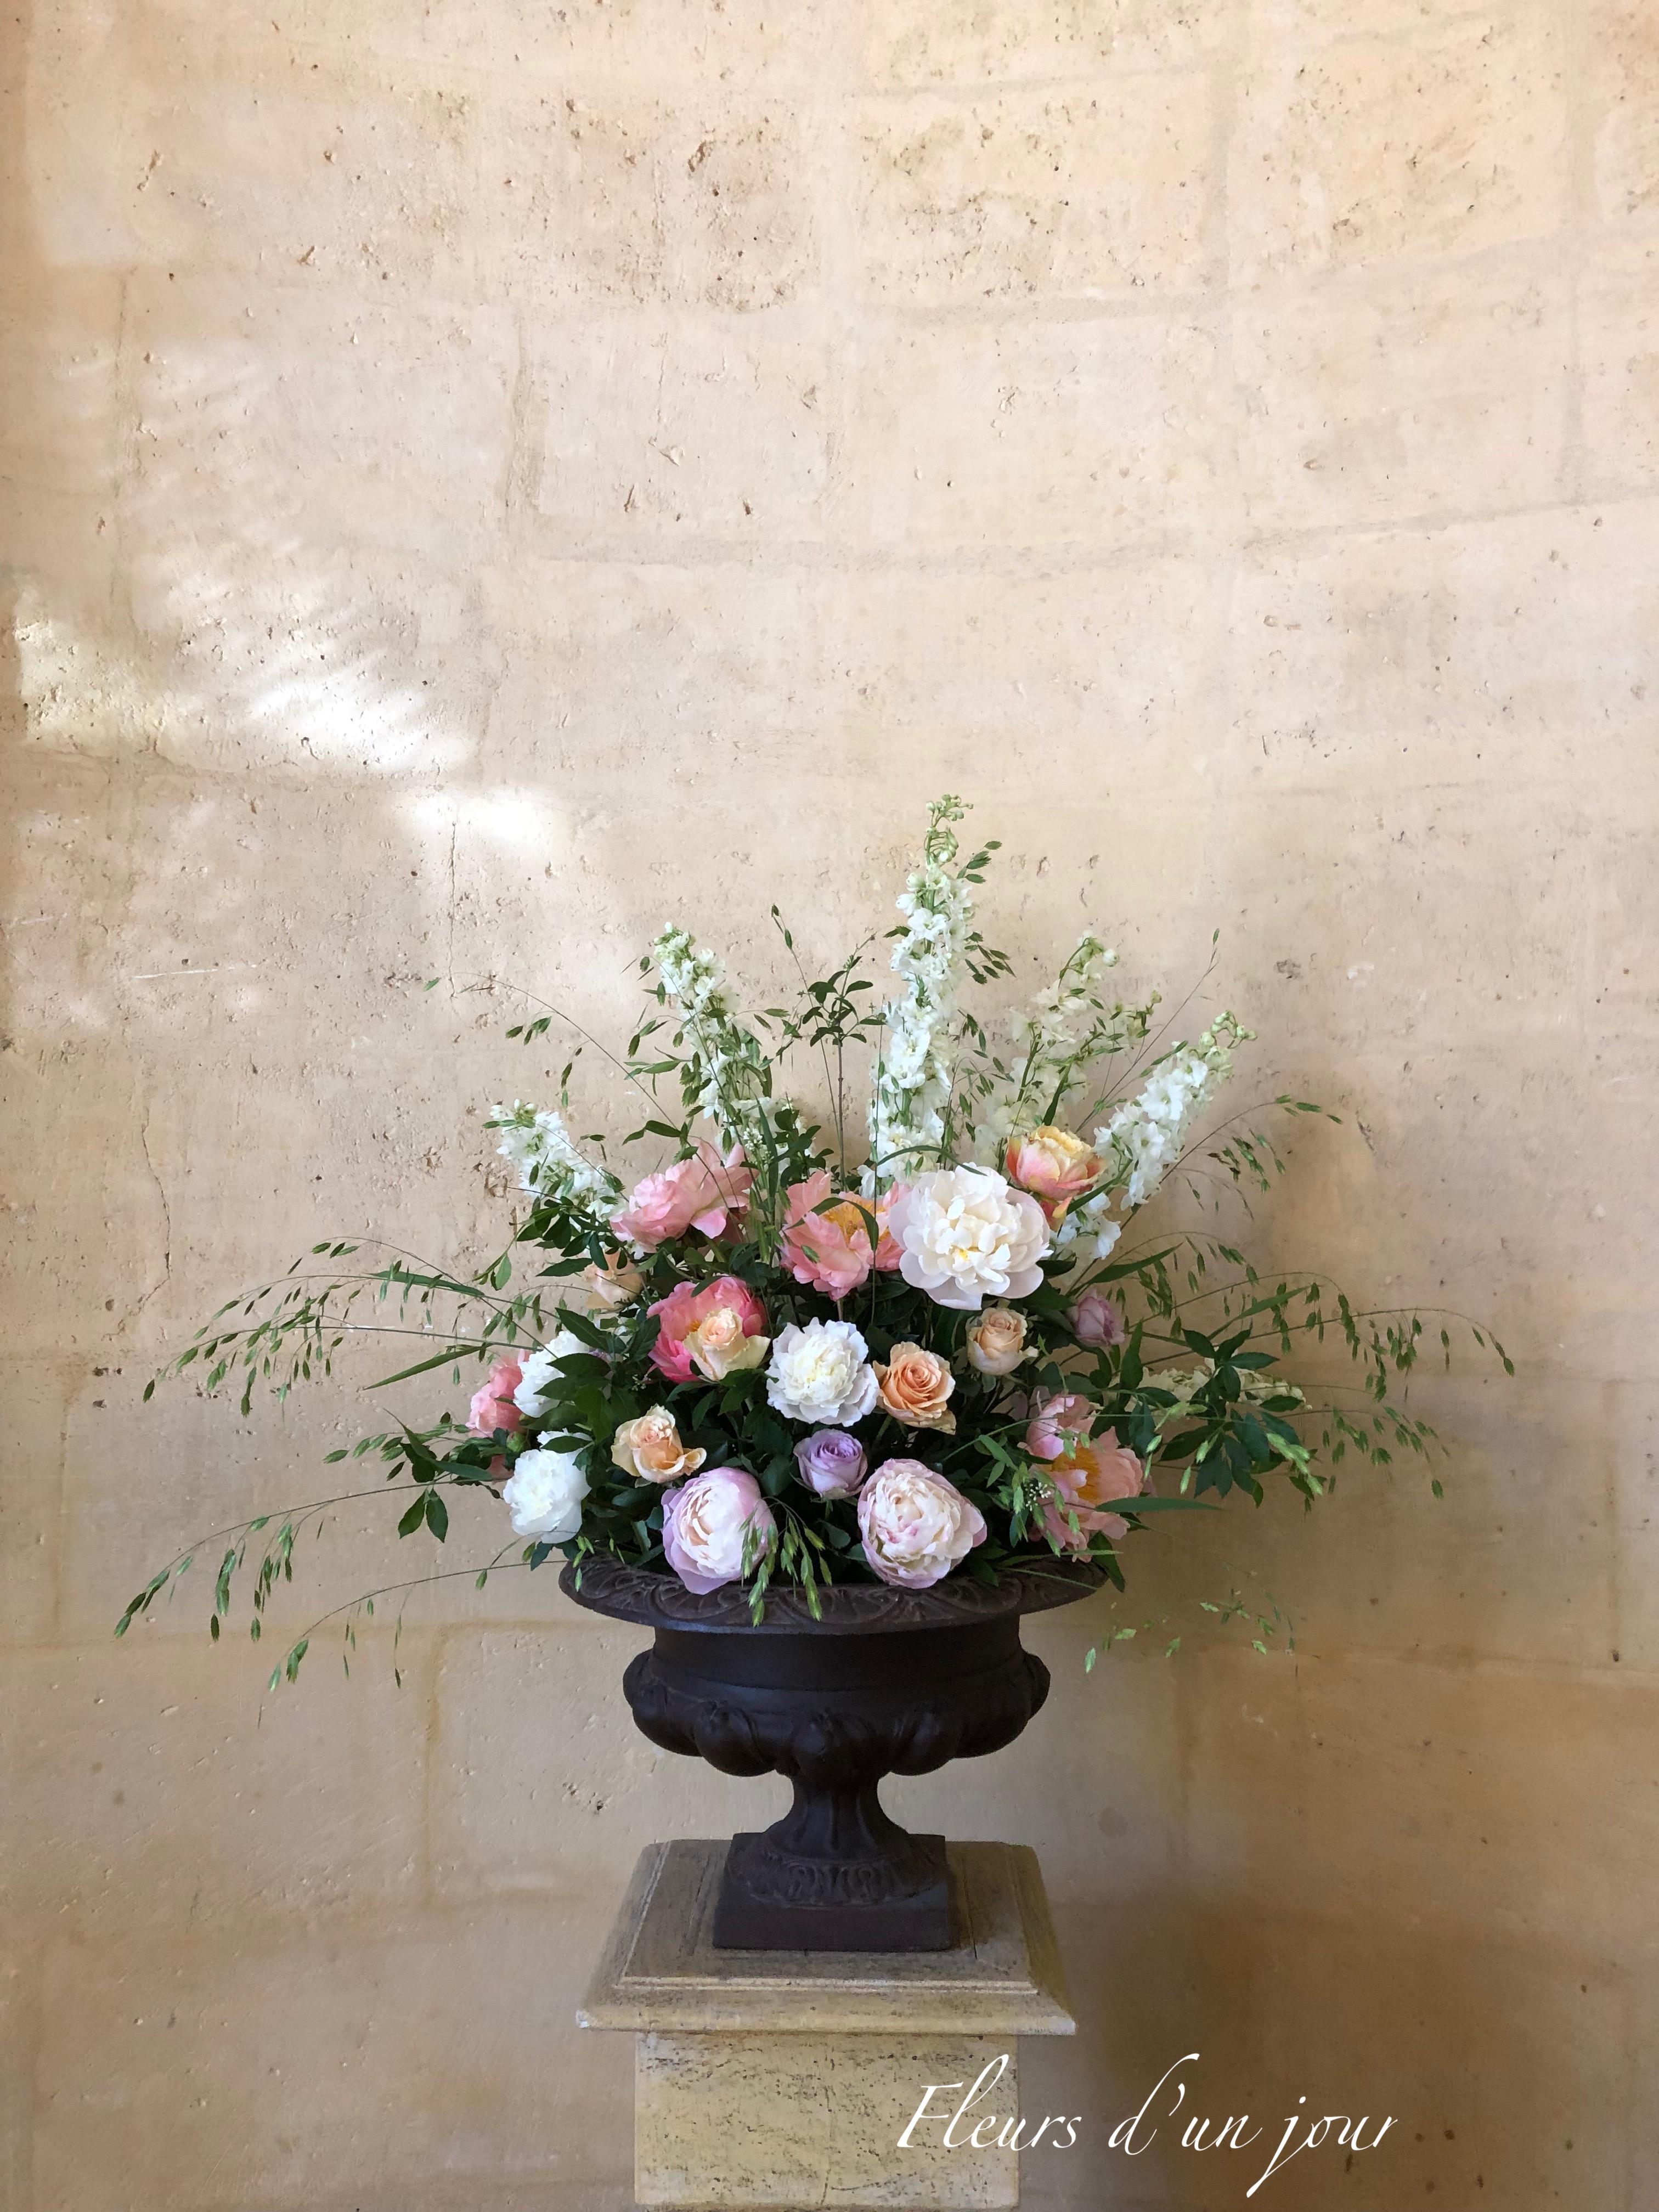 composition florale vase Médicis château de Vallery mariage décoration florale wedding design fleurs d'un jour